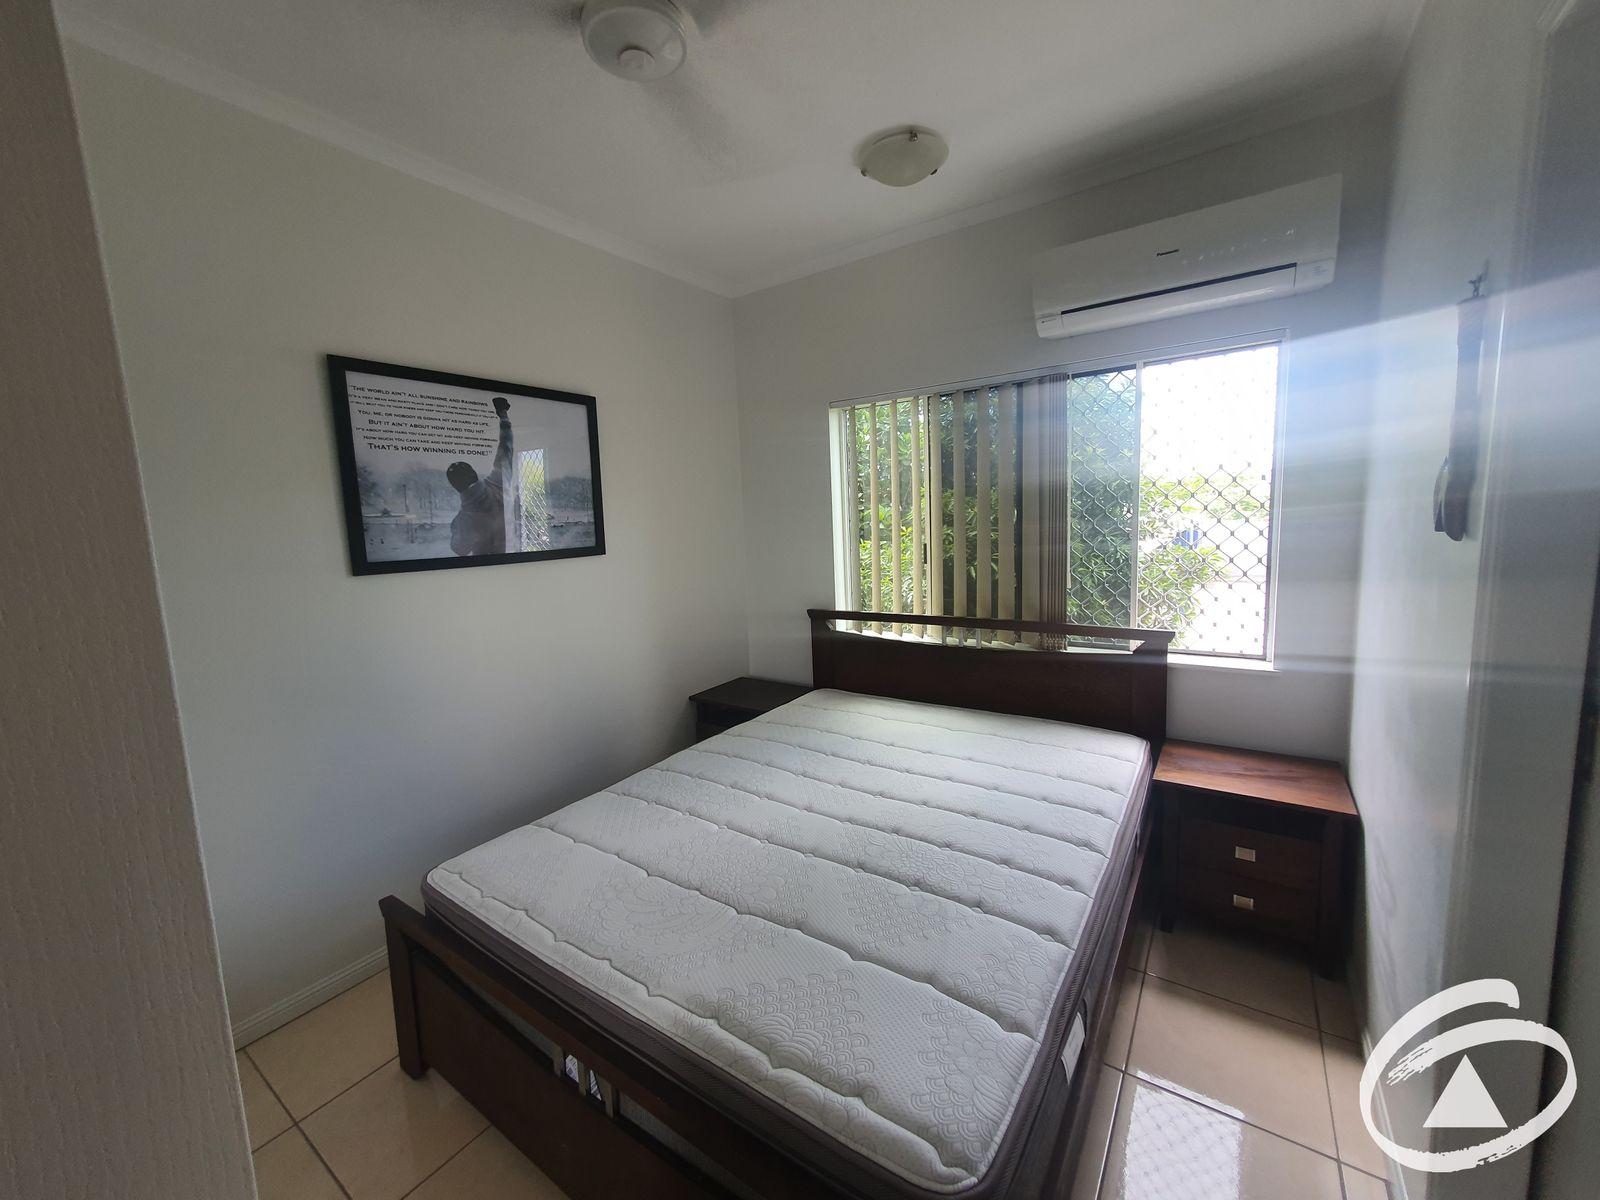 13/71-73 Alfred Street, Manunda, QLD 4870